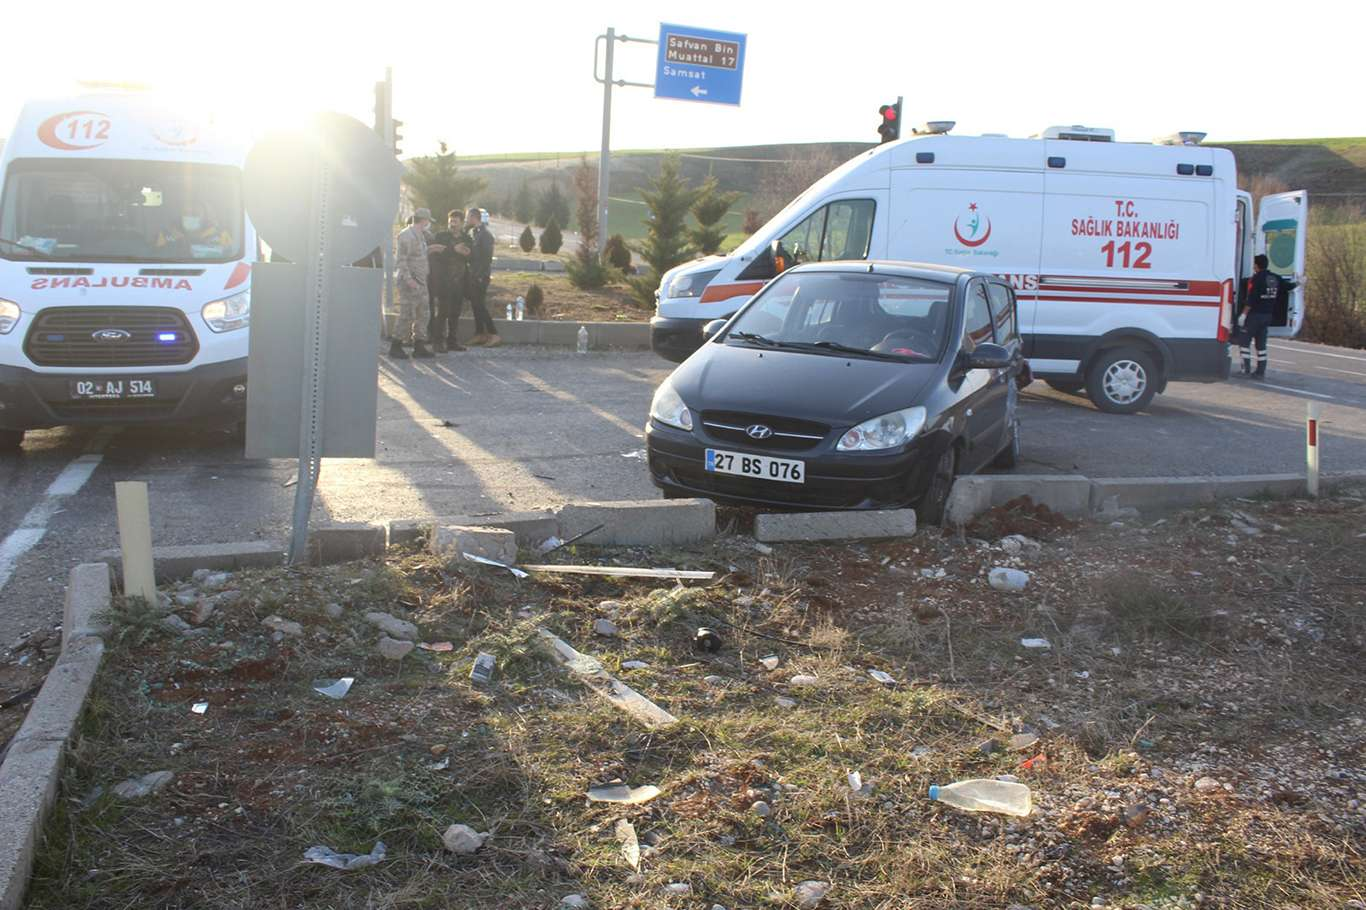 Adıyaman'da Trafik Kazası: 9 Kişi Yaralandı